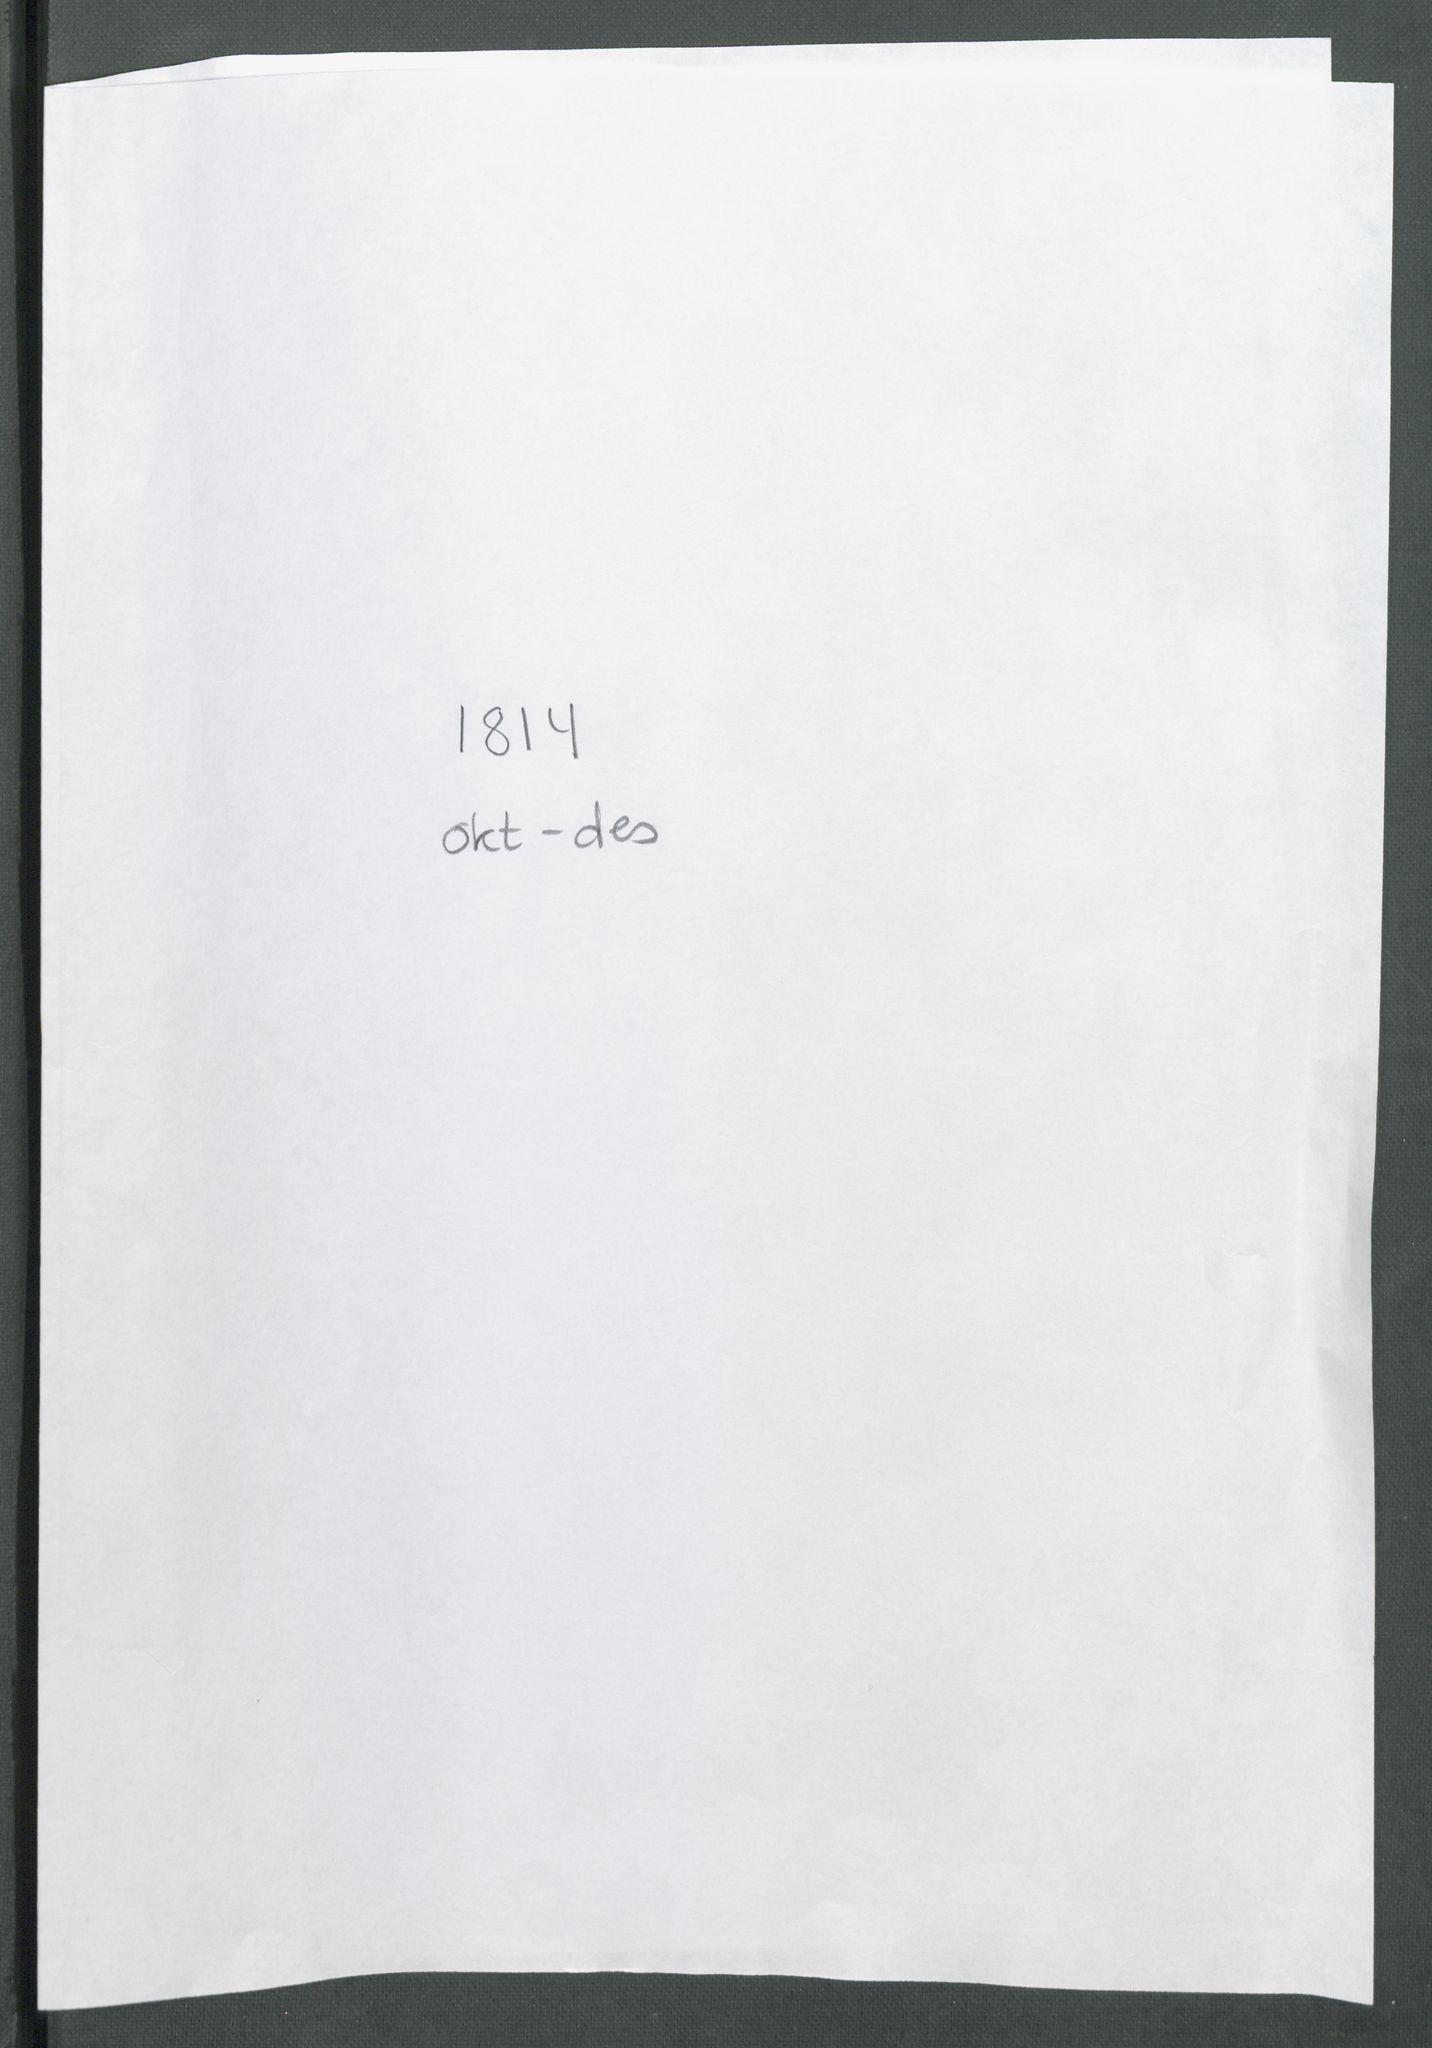 RA, Forskjellige samlinger, Historisk-kronologisk samling, G/Ga/L0009B: Historisk-kronologisk samling. Dokumenter fra oktober 1814, årene 1815 og 1816, Christian Frederiks regnskapsbok 1814 - 1848., 1814-1848, s. 1